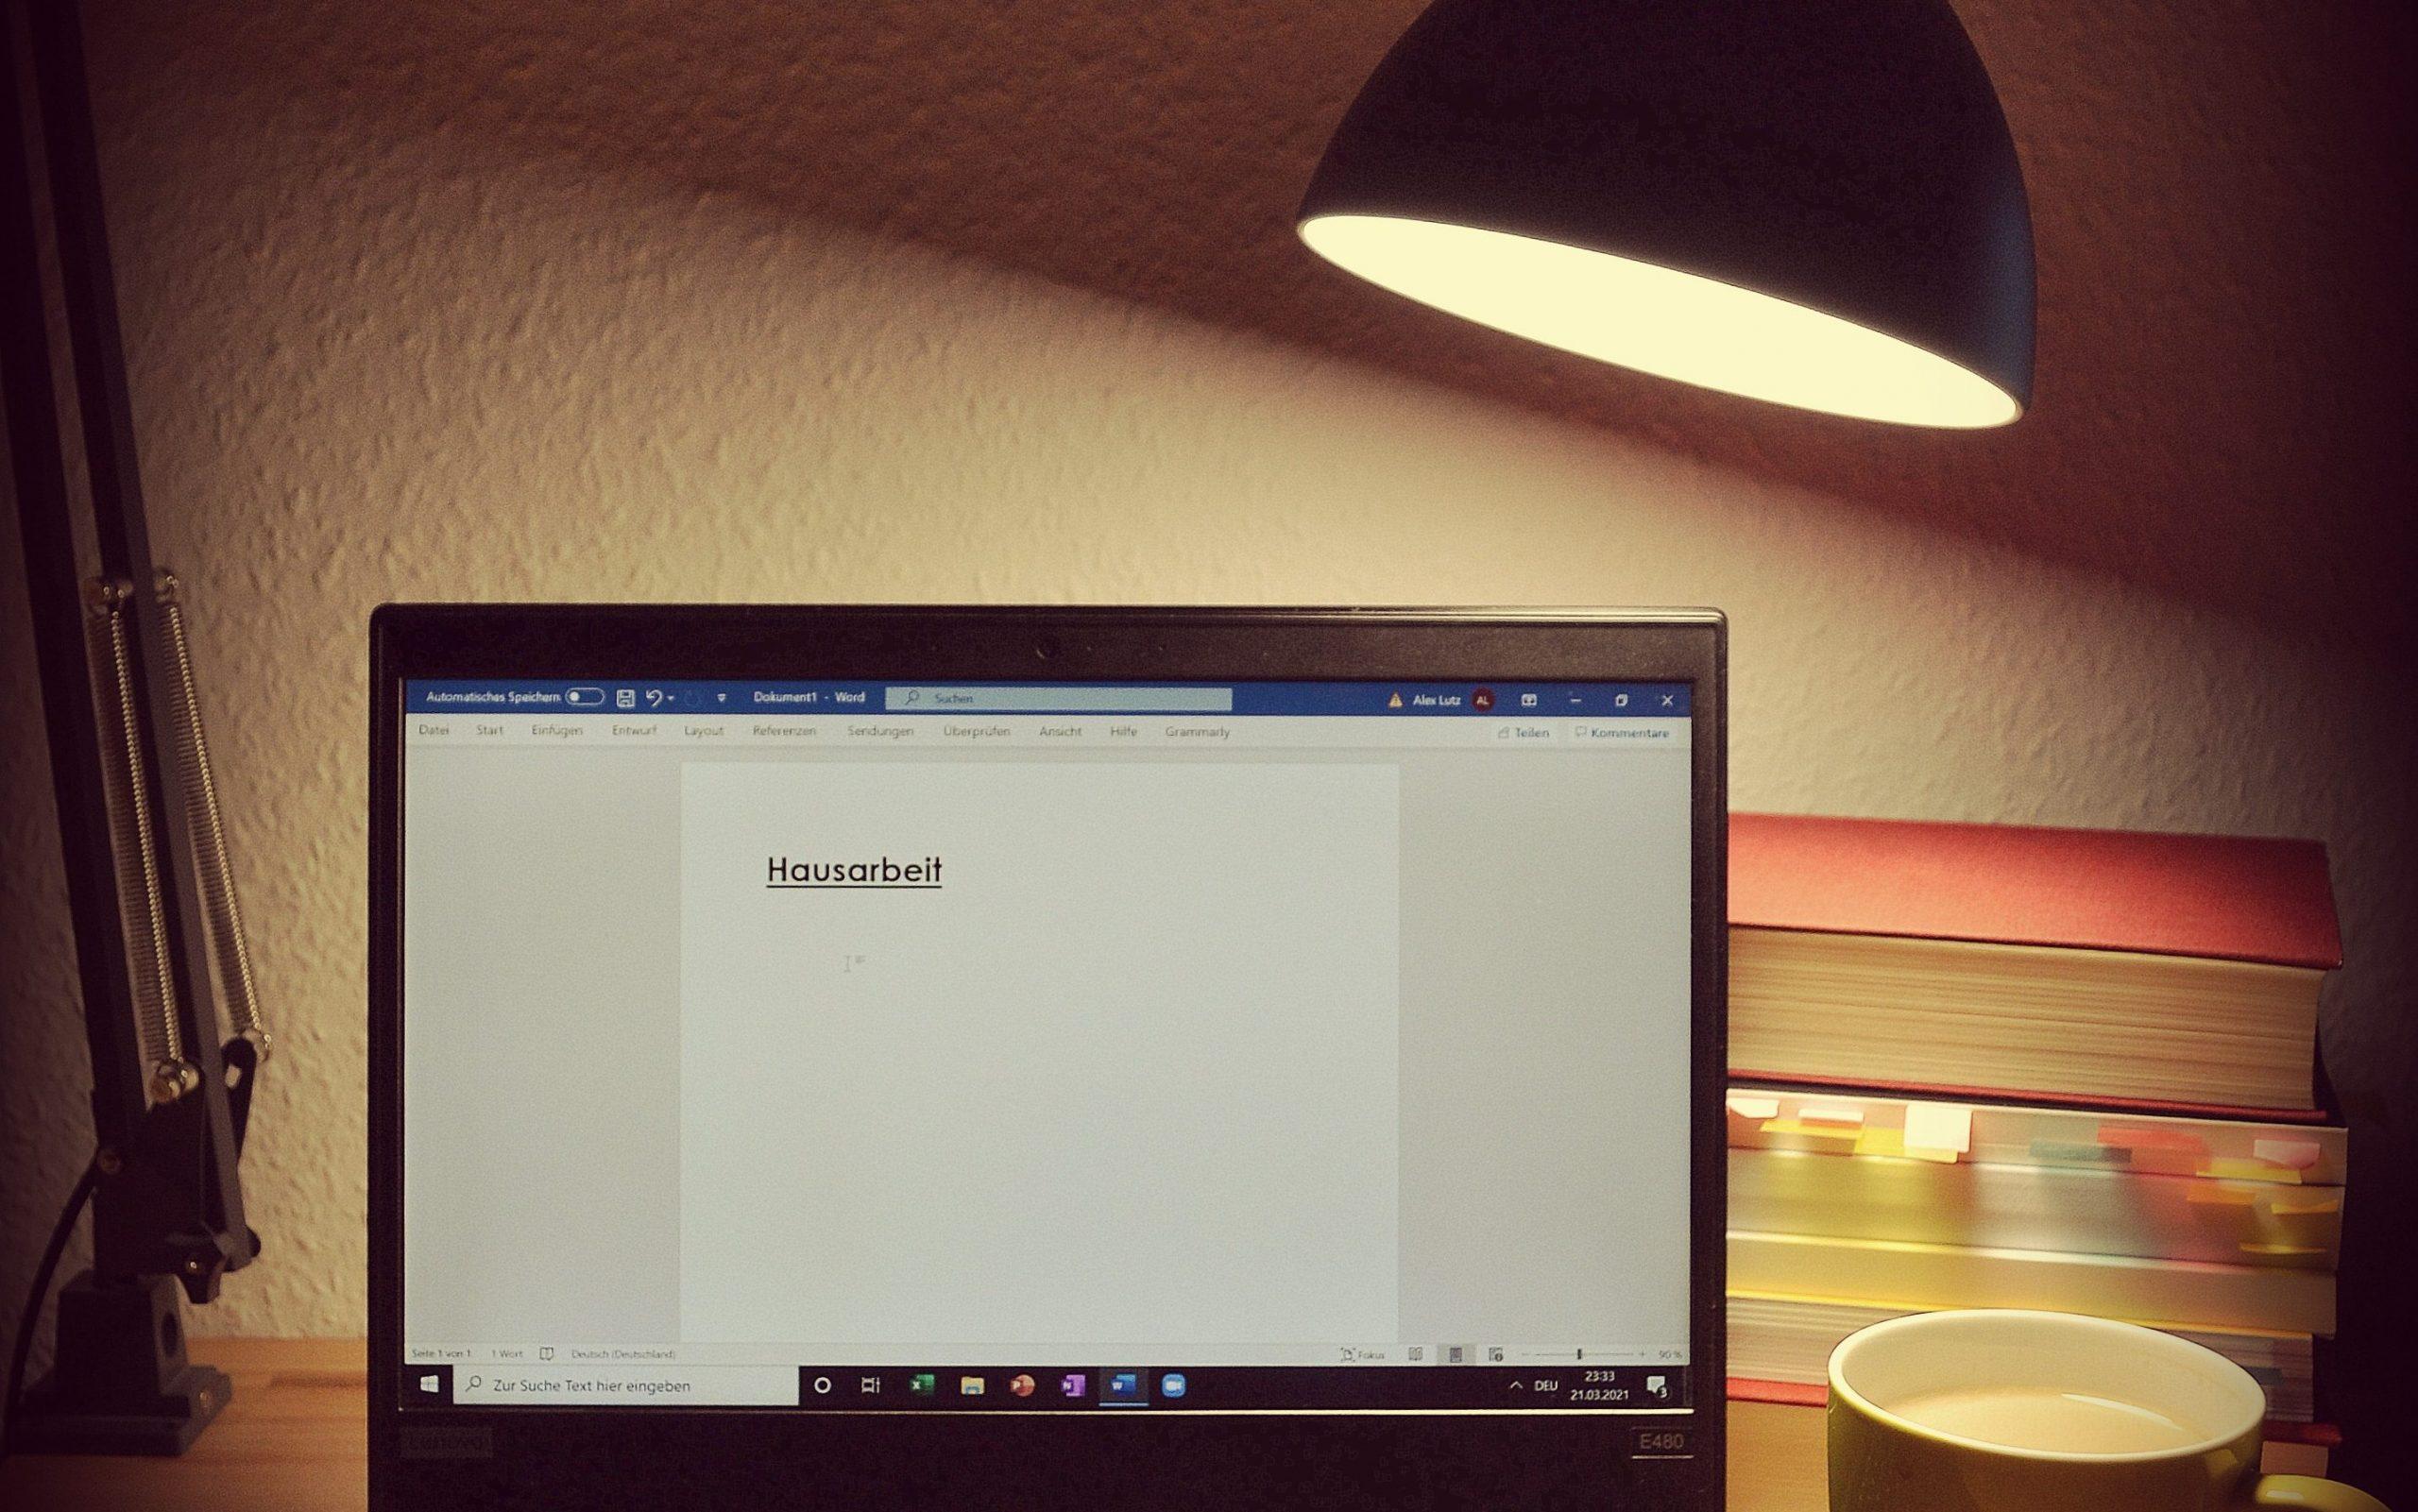 Ein schwarzer Laptop, der von einer Schreibtischlampe angeleuchtet wird. Auf dem Laptop ist ein Word-Dokument offen. Bis auf die Überschrift Hausarbeit ist die Seite noch leer. Rechts vom Laptop ist eine volle Kaffeetasse zu erkennen. Rechts hinter dem Laptop befindet sich ein Stapel mit Büchern.